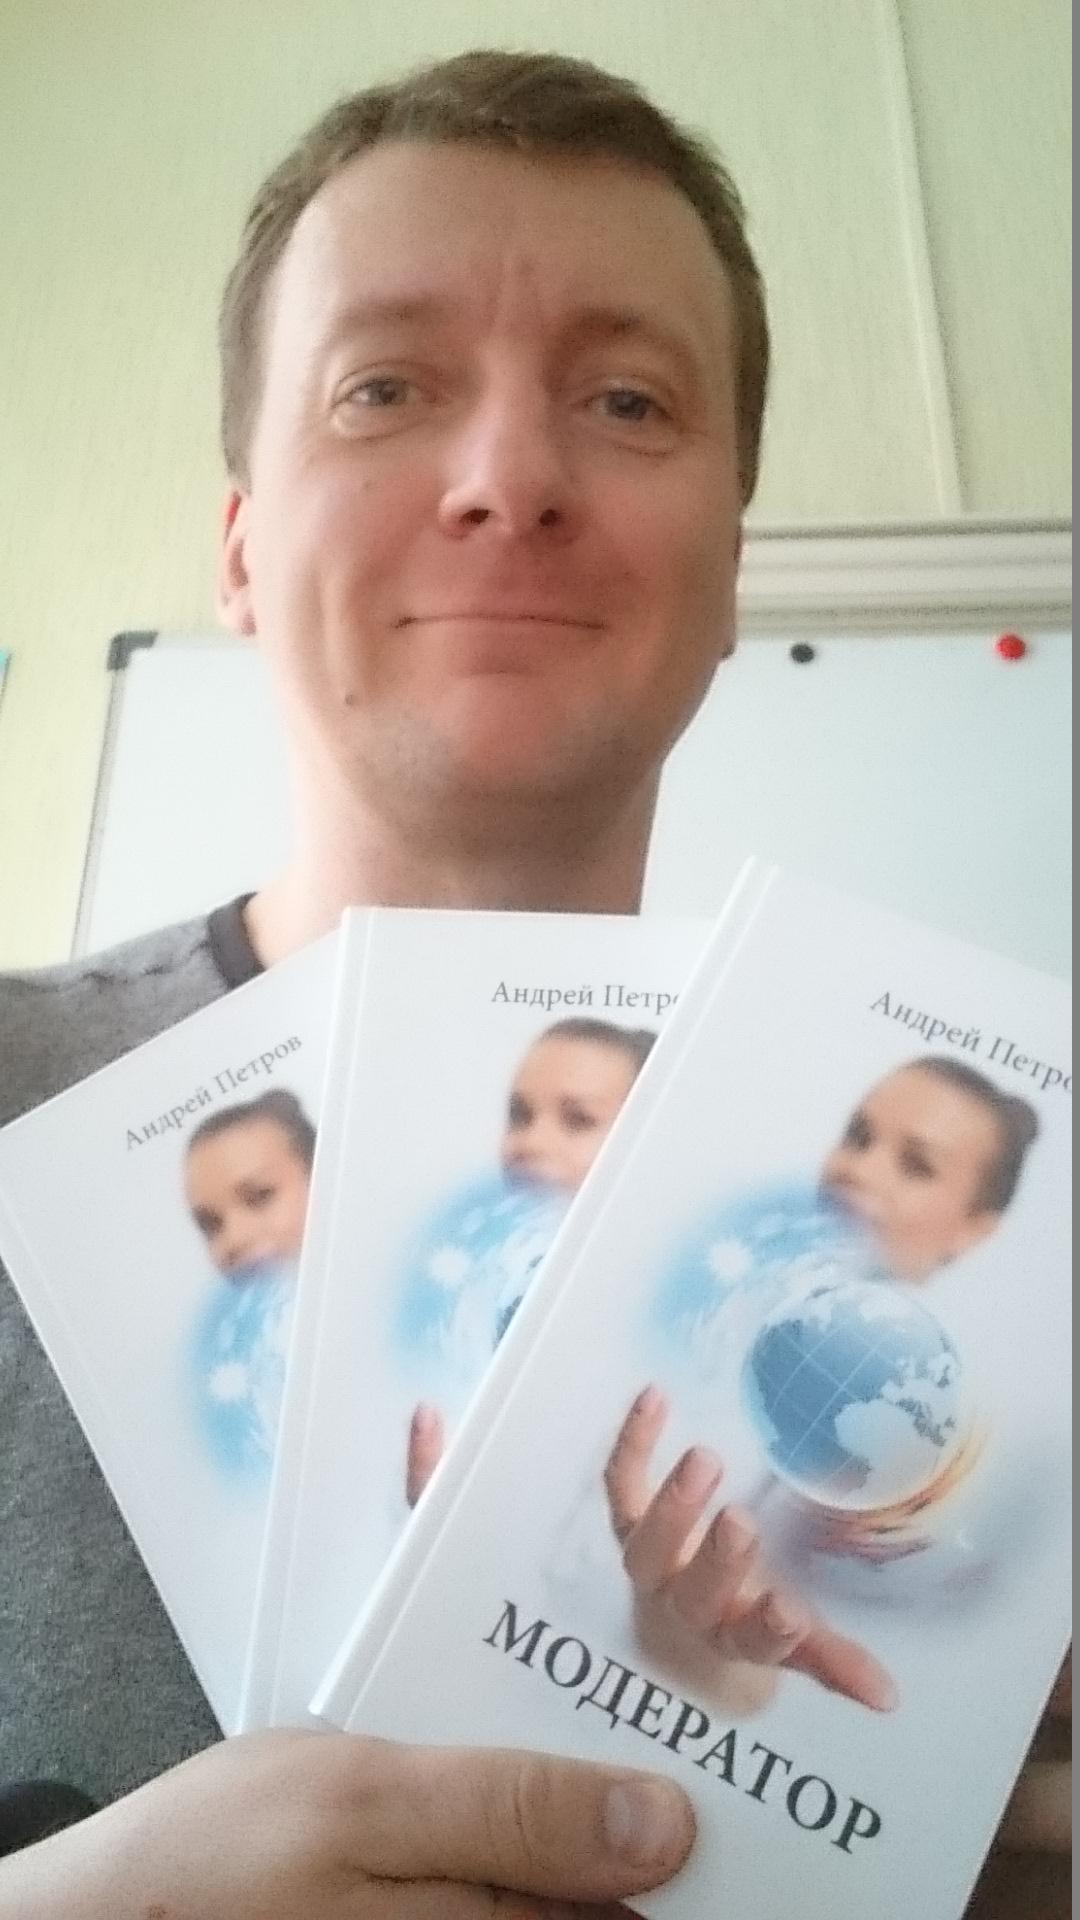 Андрей петров книги скачать